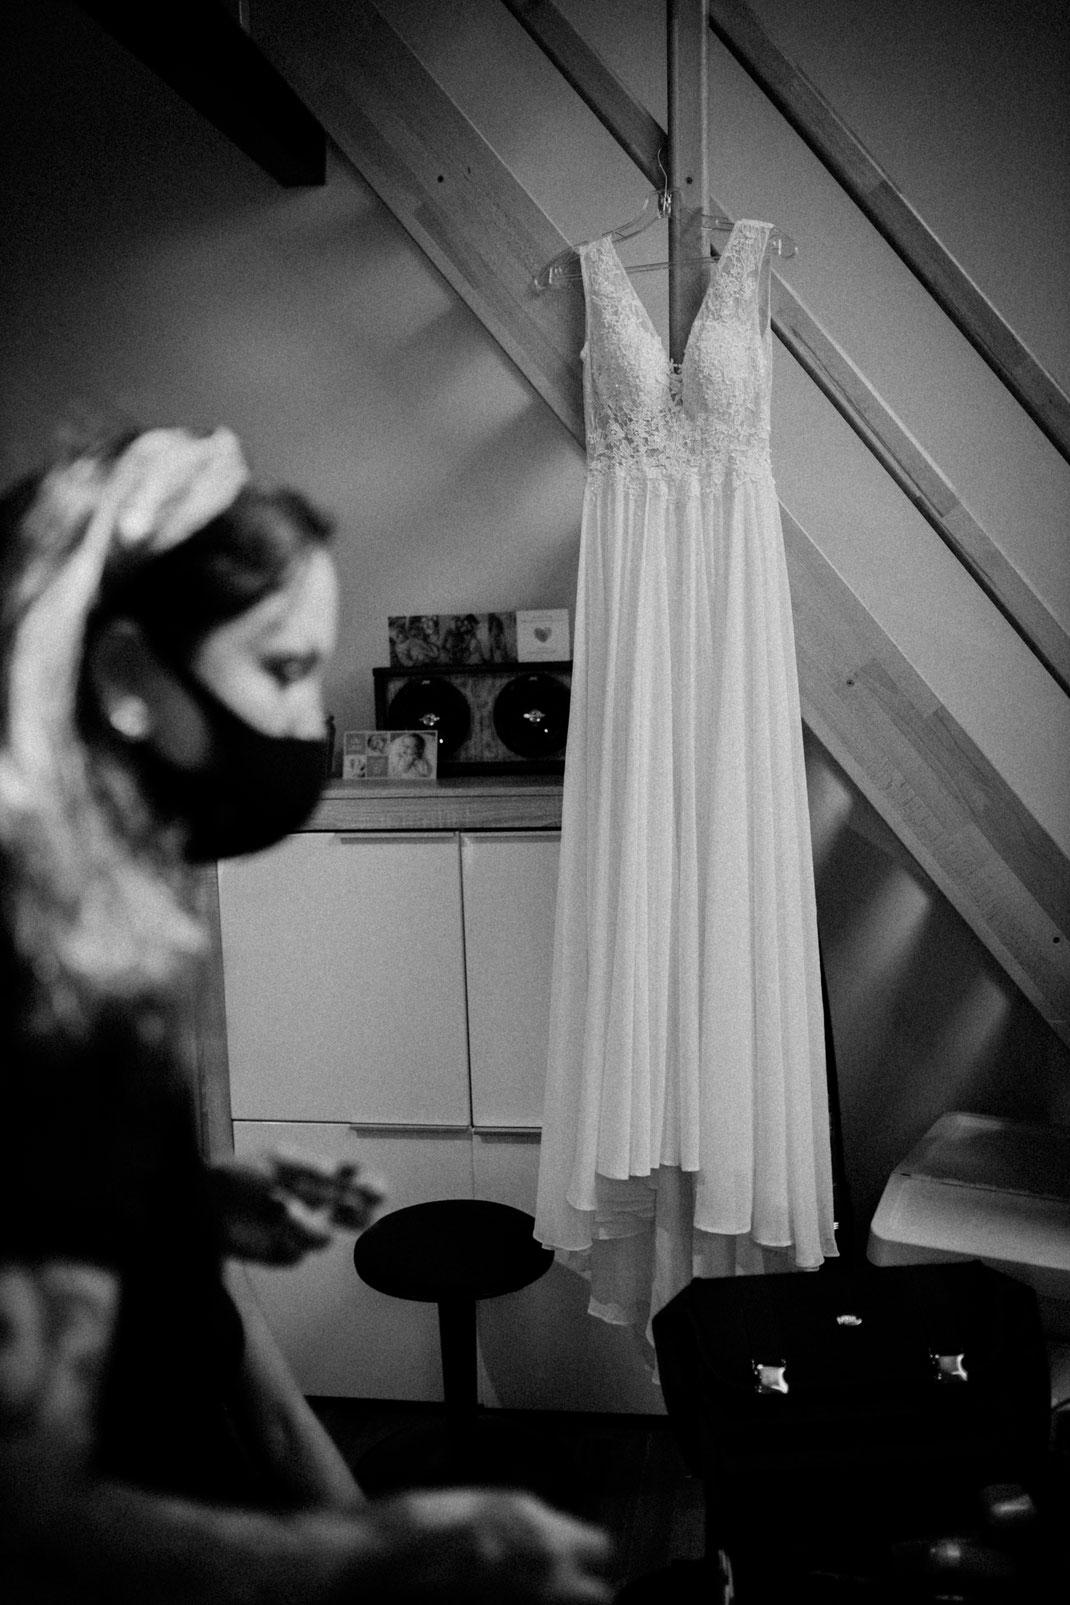 Hochzeitsfotograf Saarland - Fotograf Kai Kreutzer 72 Saarbrücken, Saarlouis, Merzig, St. Wendel